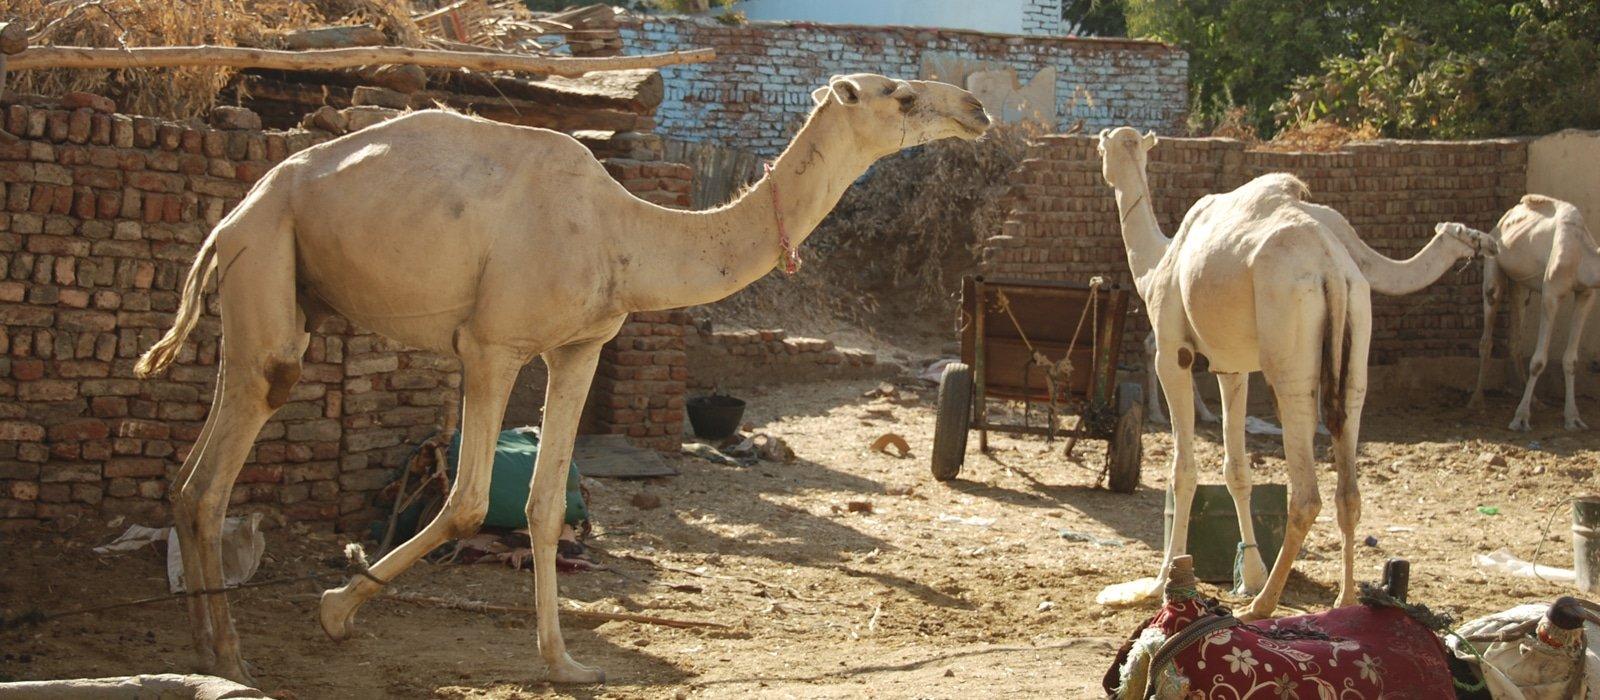 Voyage organisé en petit groupe - rive gauche Luxor - Egypte - Agence de voyage Les Routes du Monde